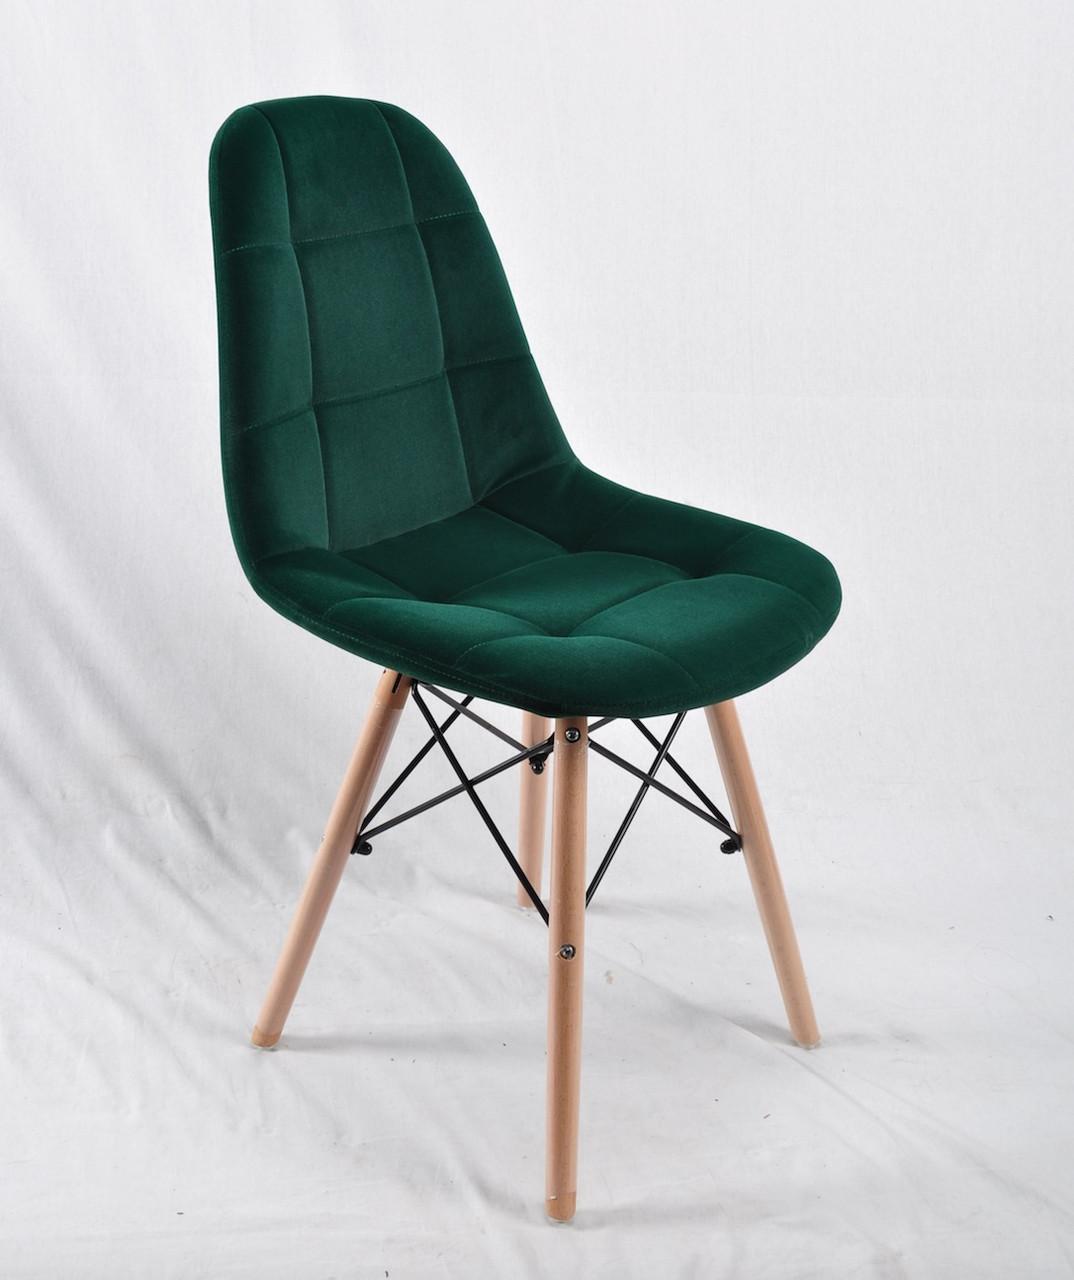 Стул Питер PETER зеленый бархат на буковых ножках